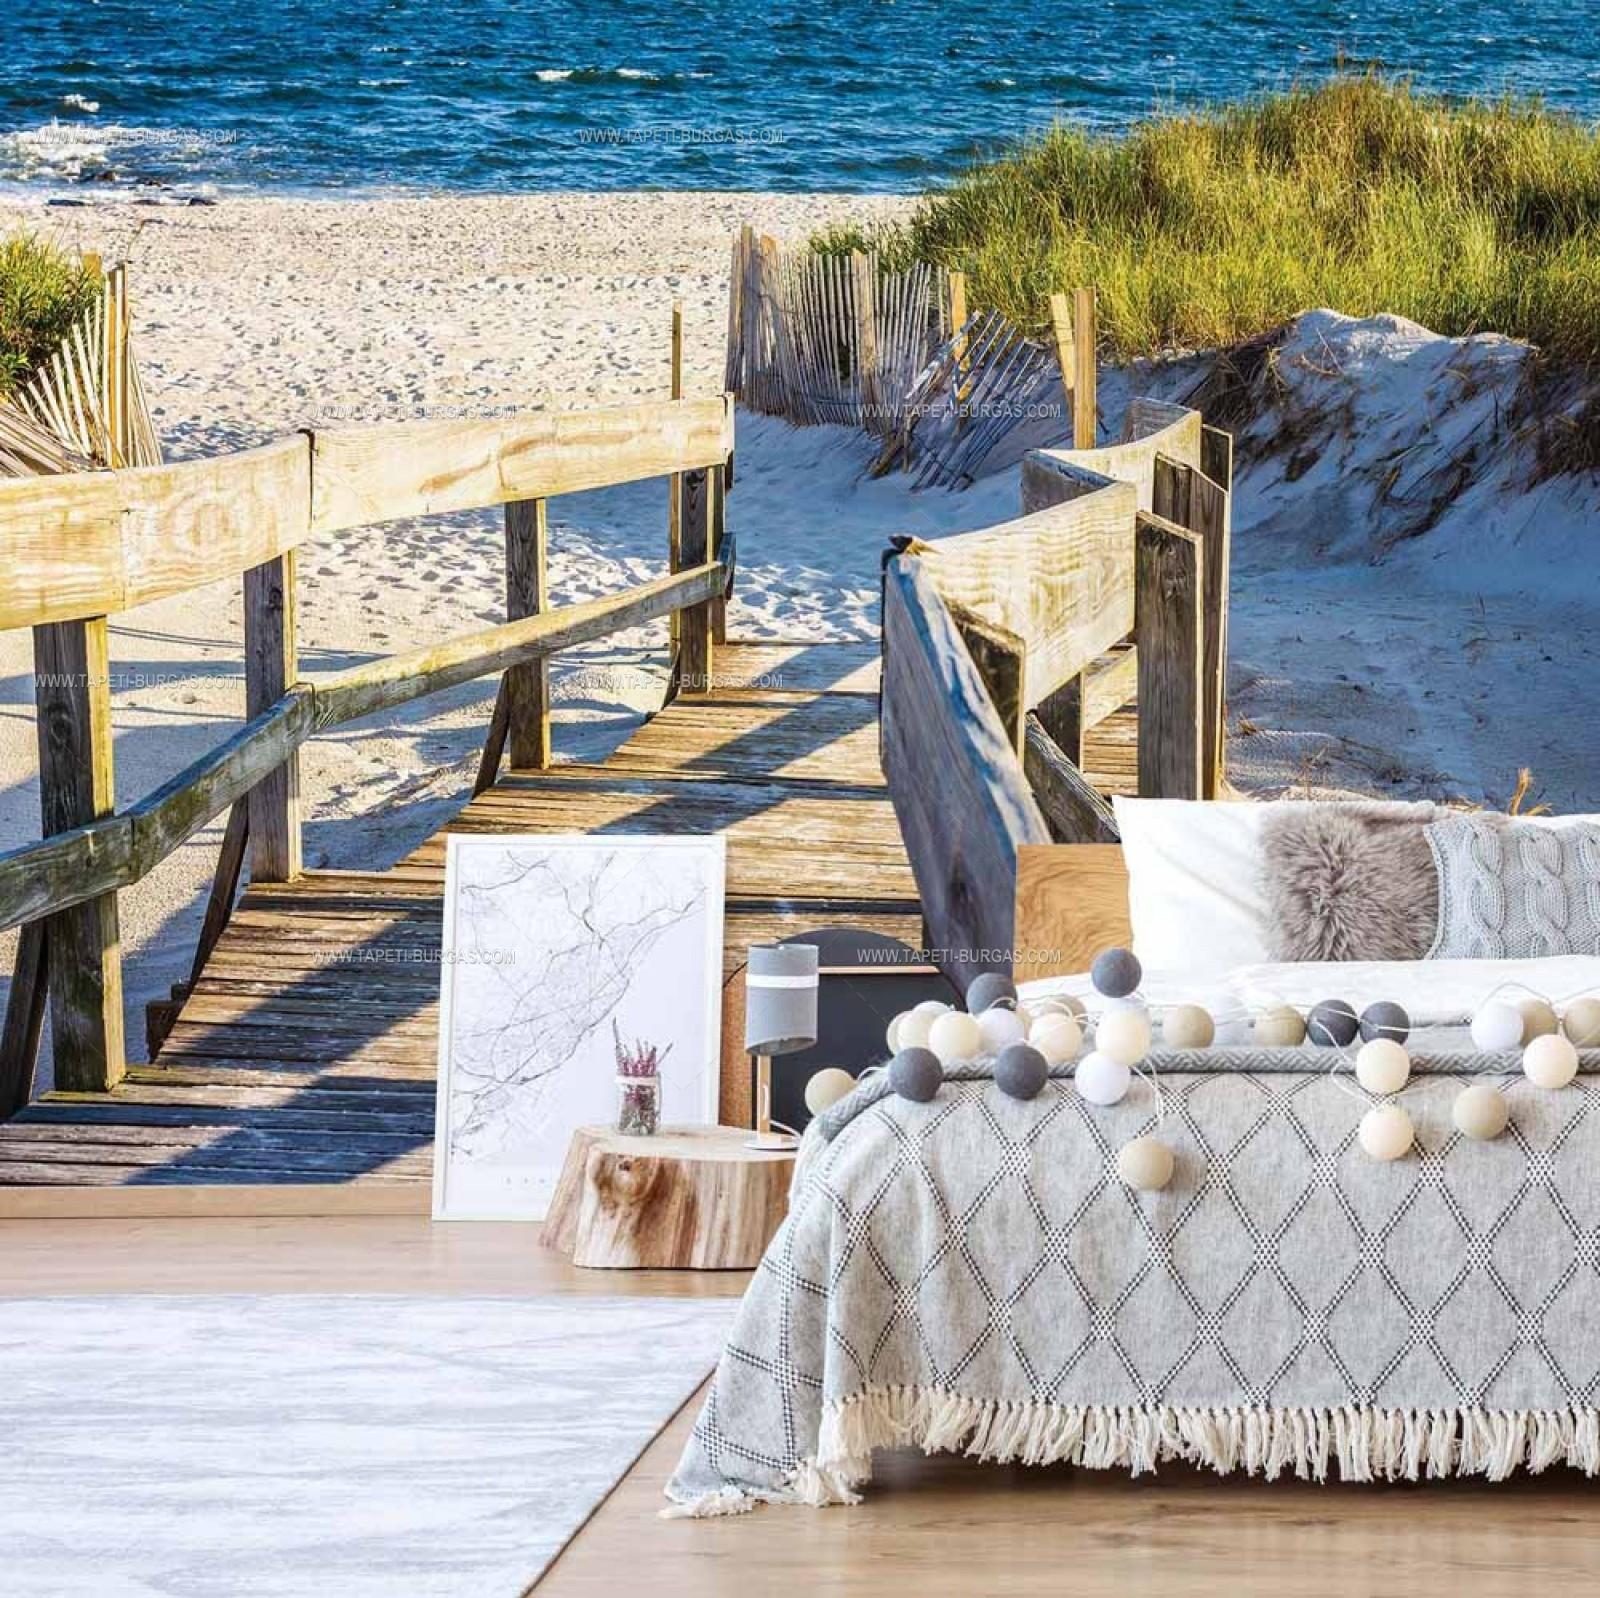 Фототапет Мостчето на плажа